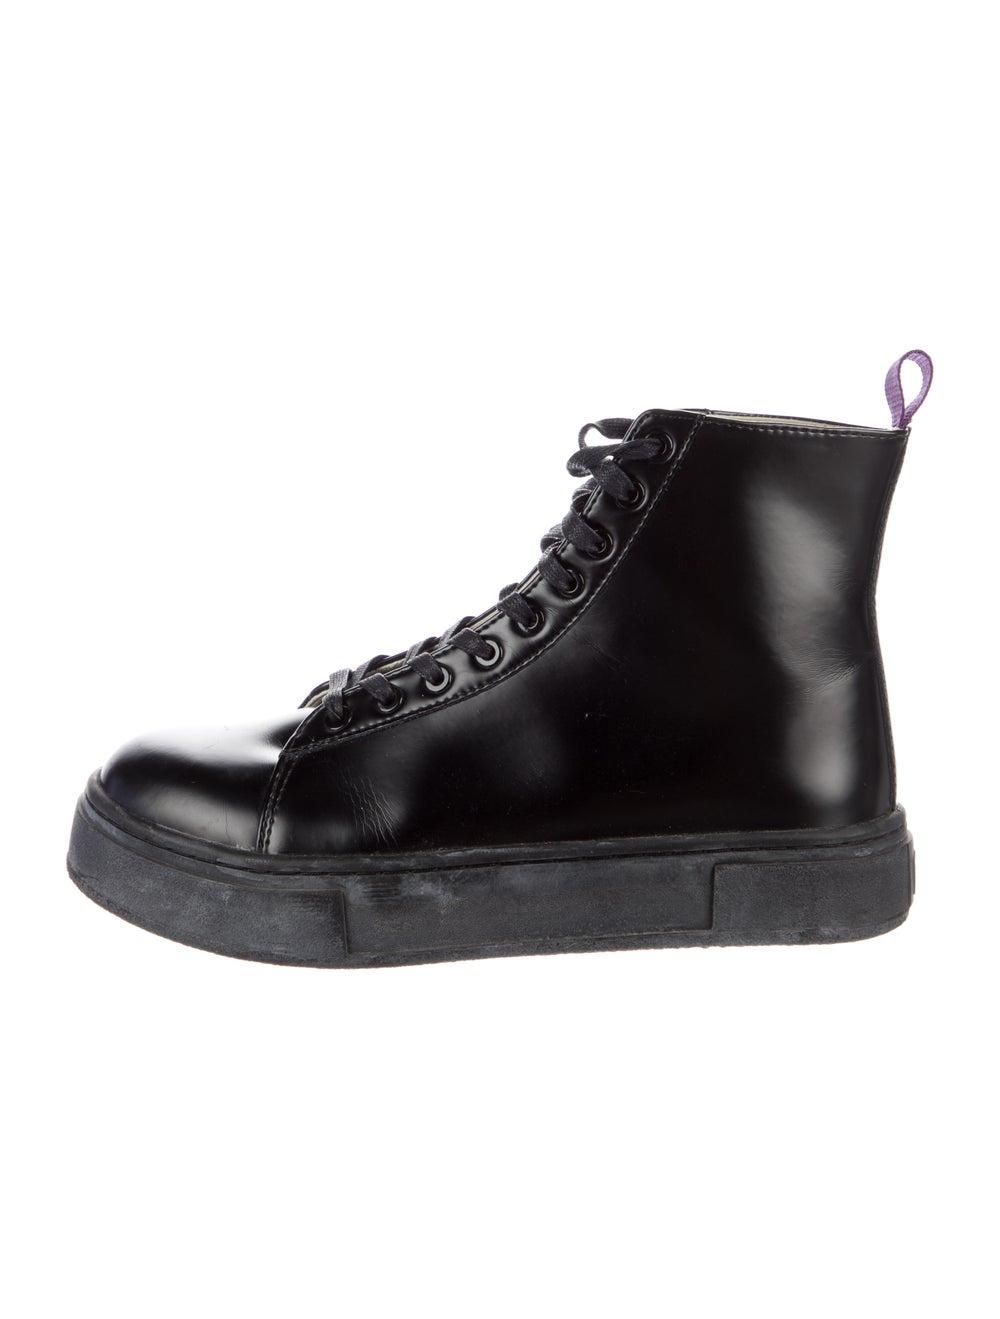 Eytys Kibo Sneakers Black - image 1